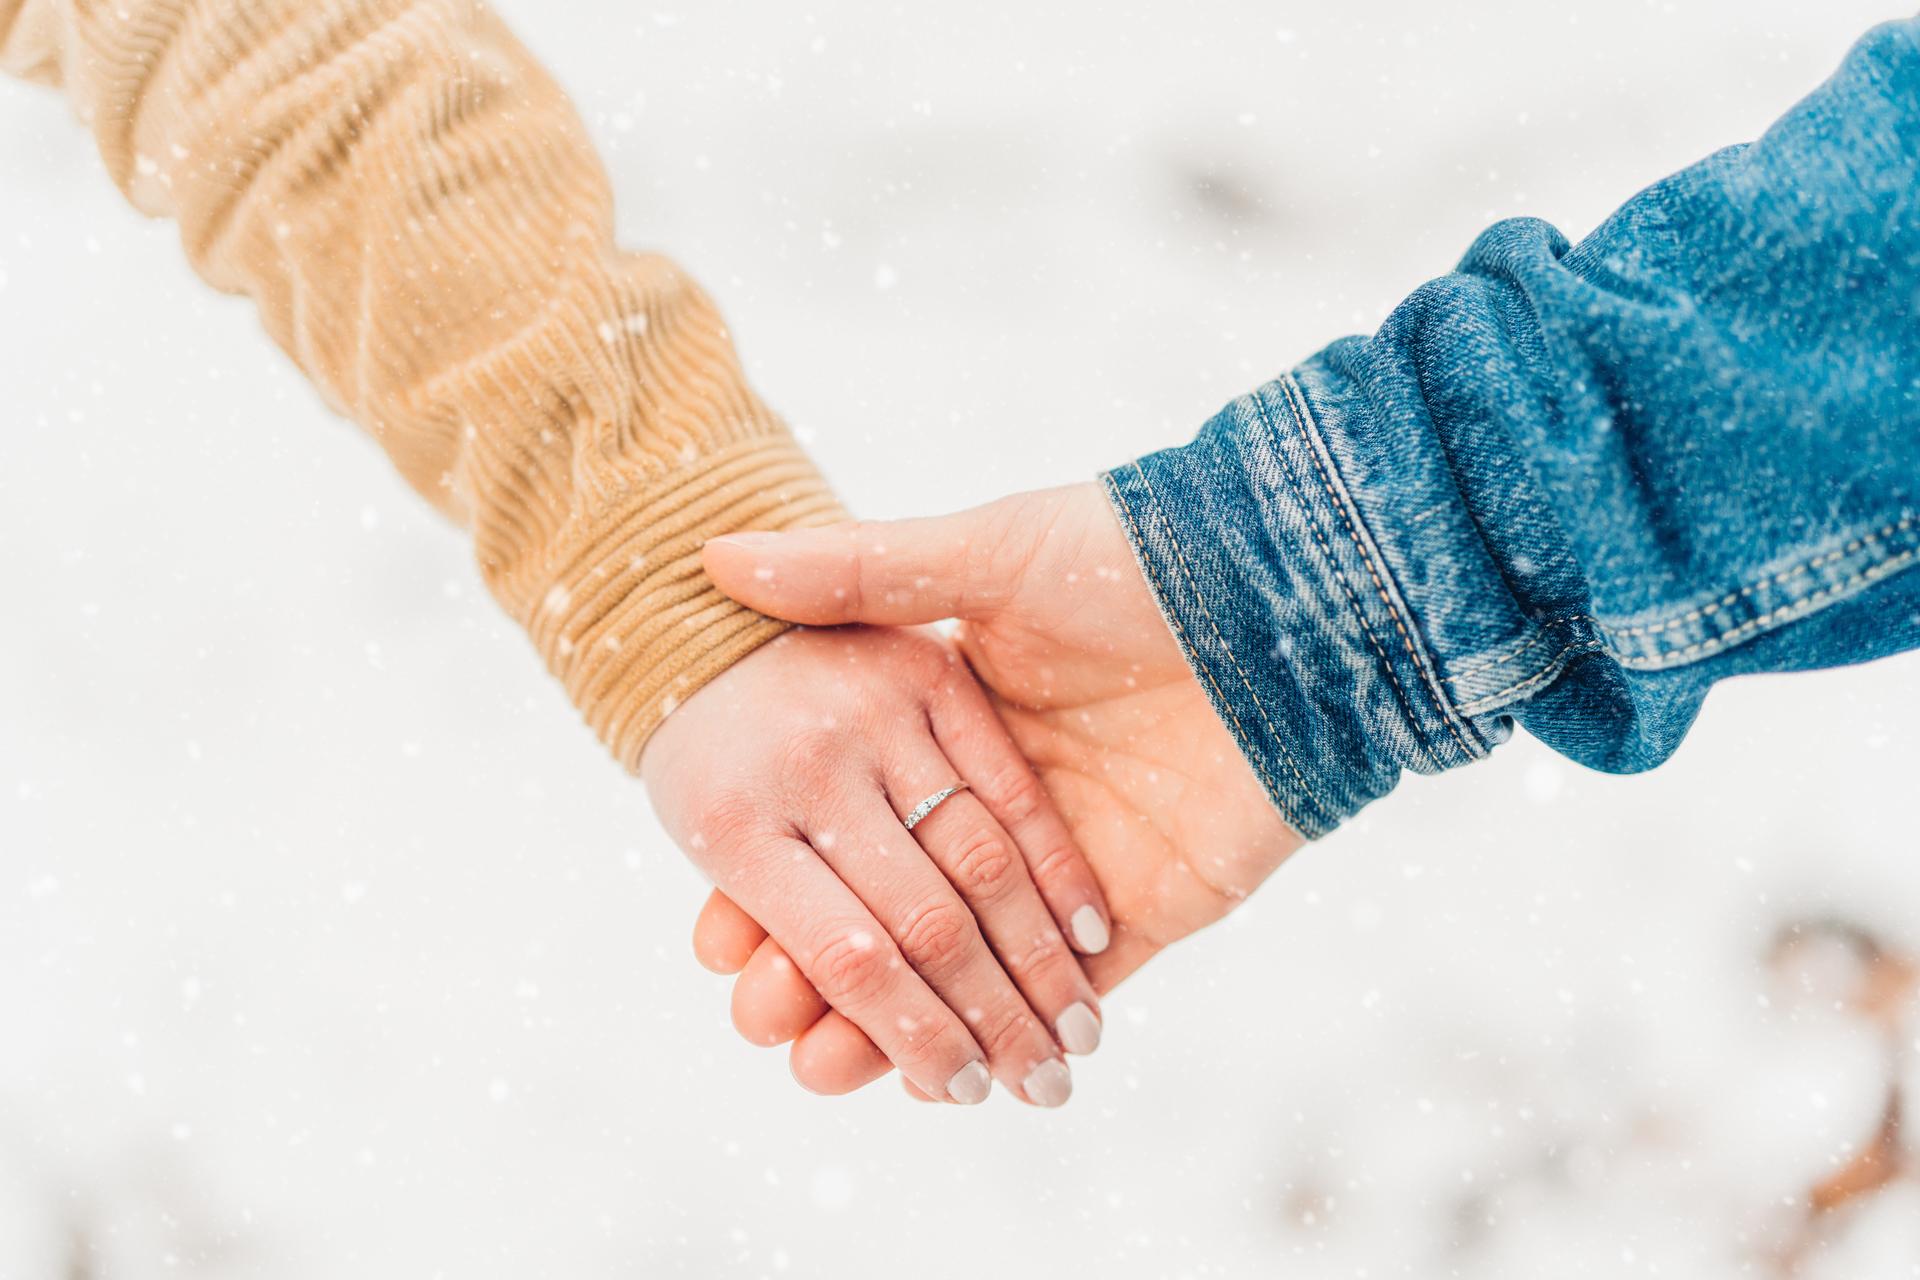 Verlobungsshooting im verschneiten Wald